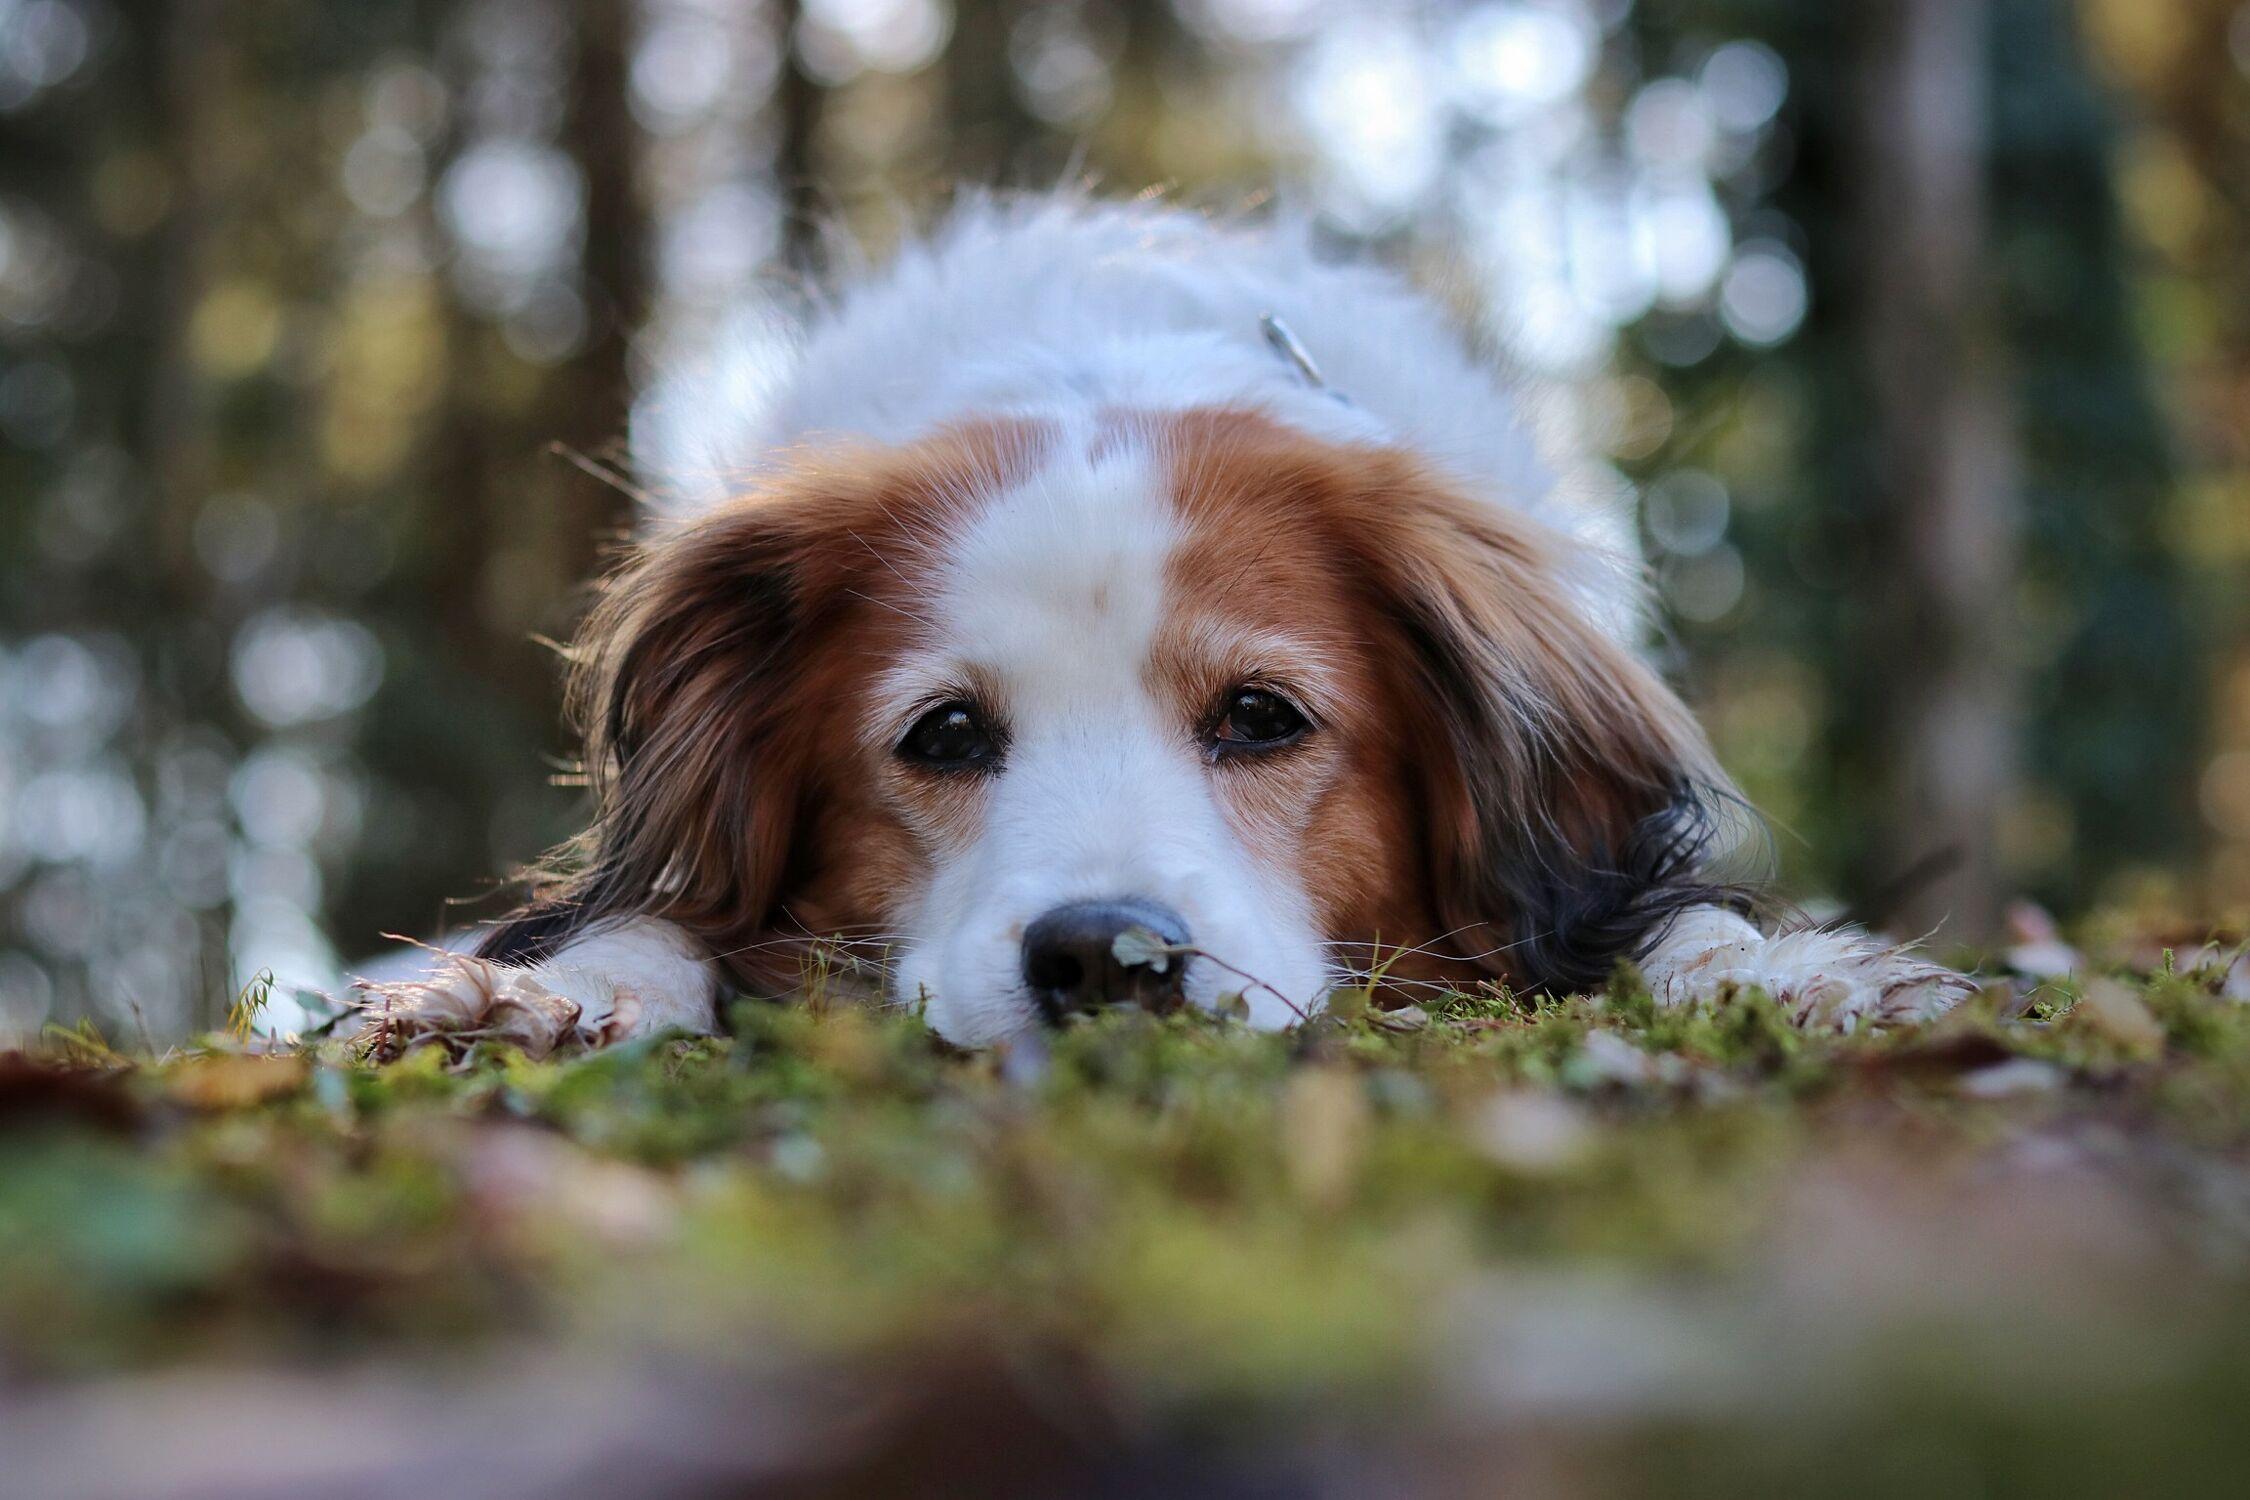 Bild mit Sonne, Wald, Hund, Spaziergang, Fotografien Tiere, gemütlich